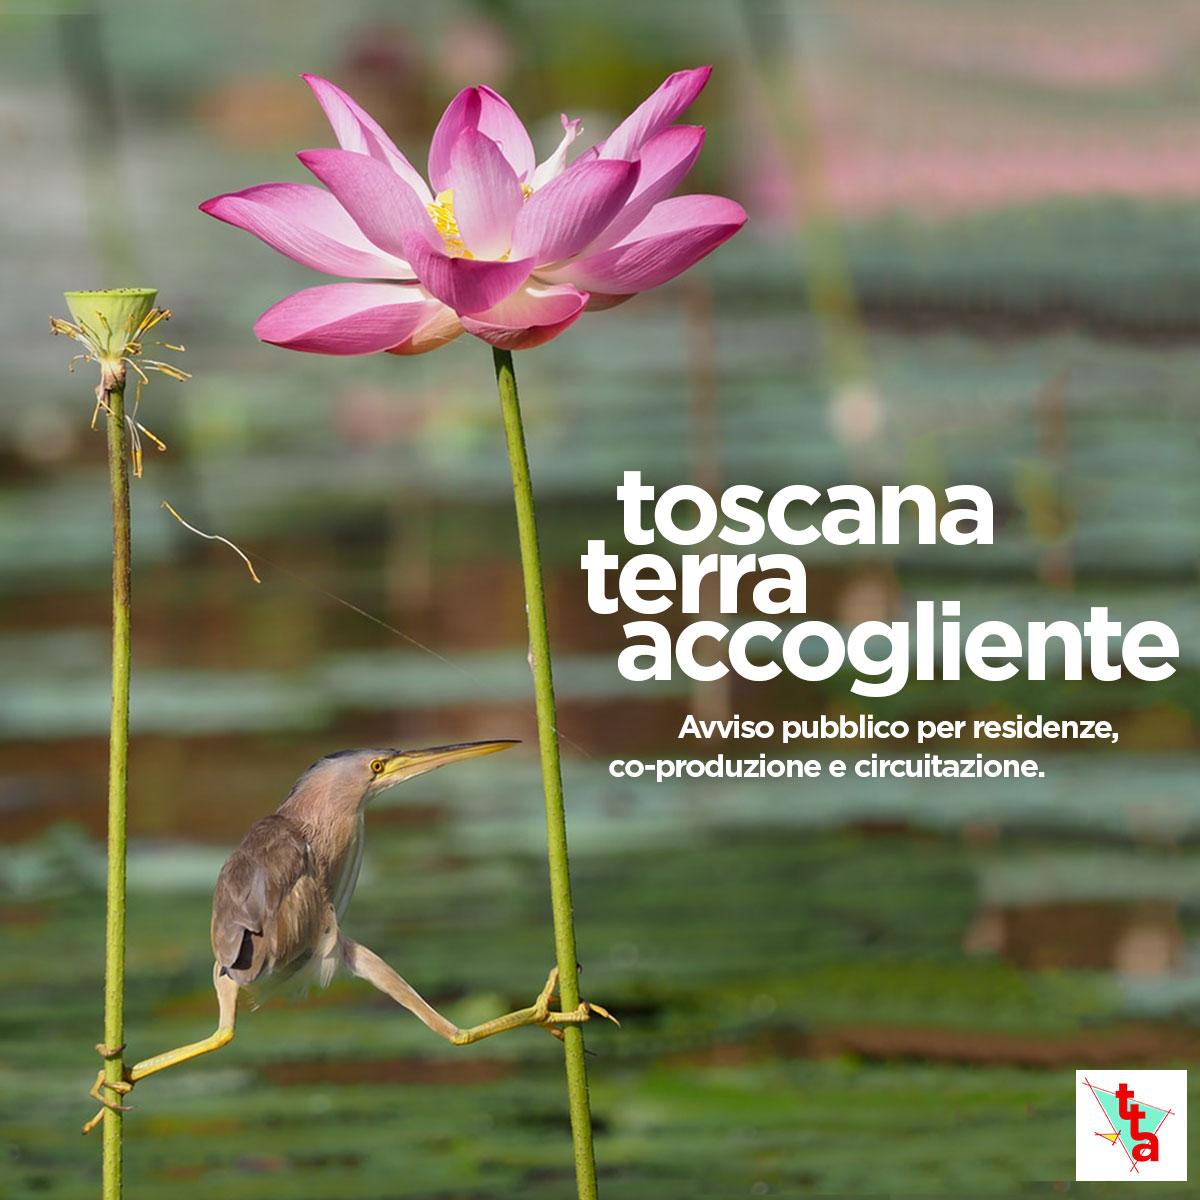 Bando Toscana Terra Accogliente 2021 - teatro